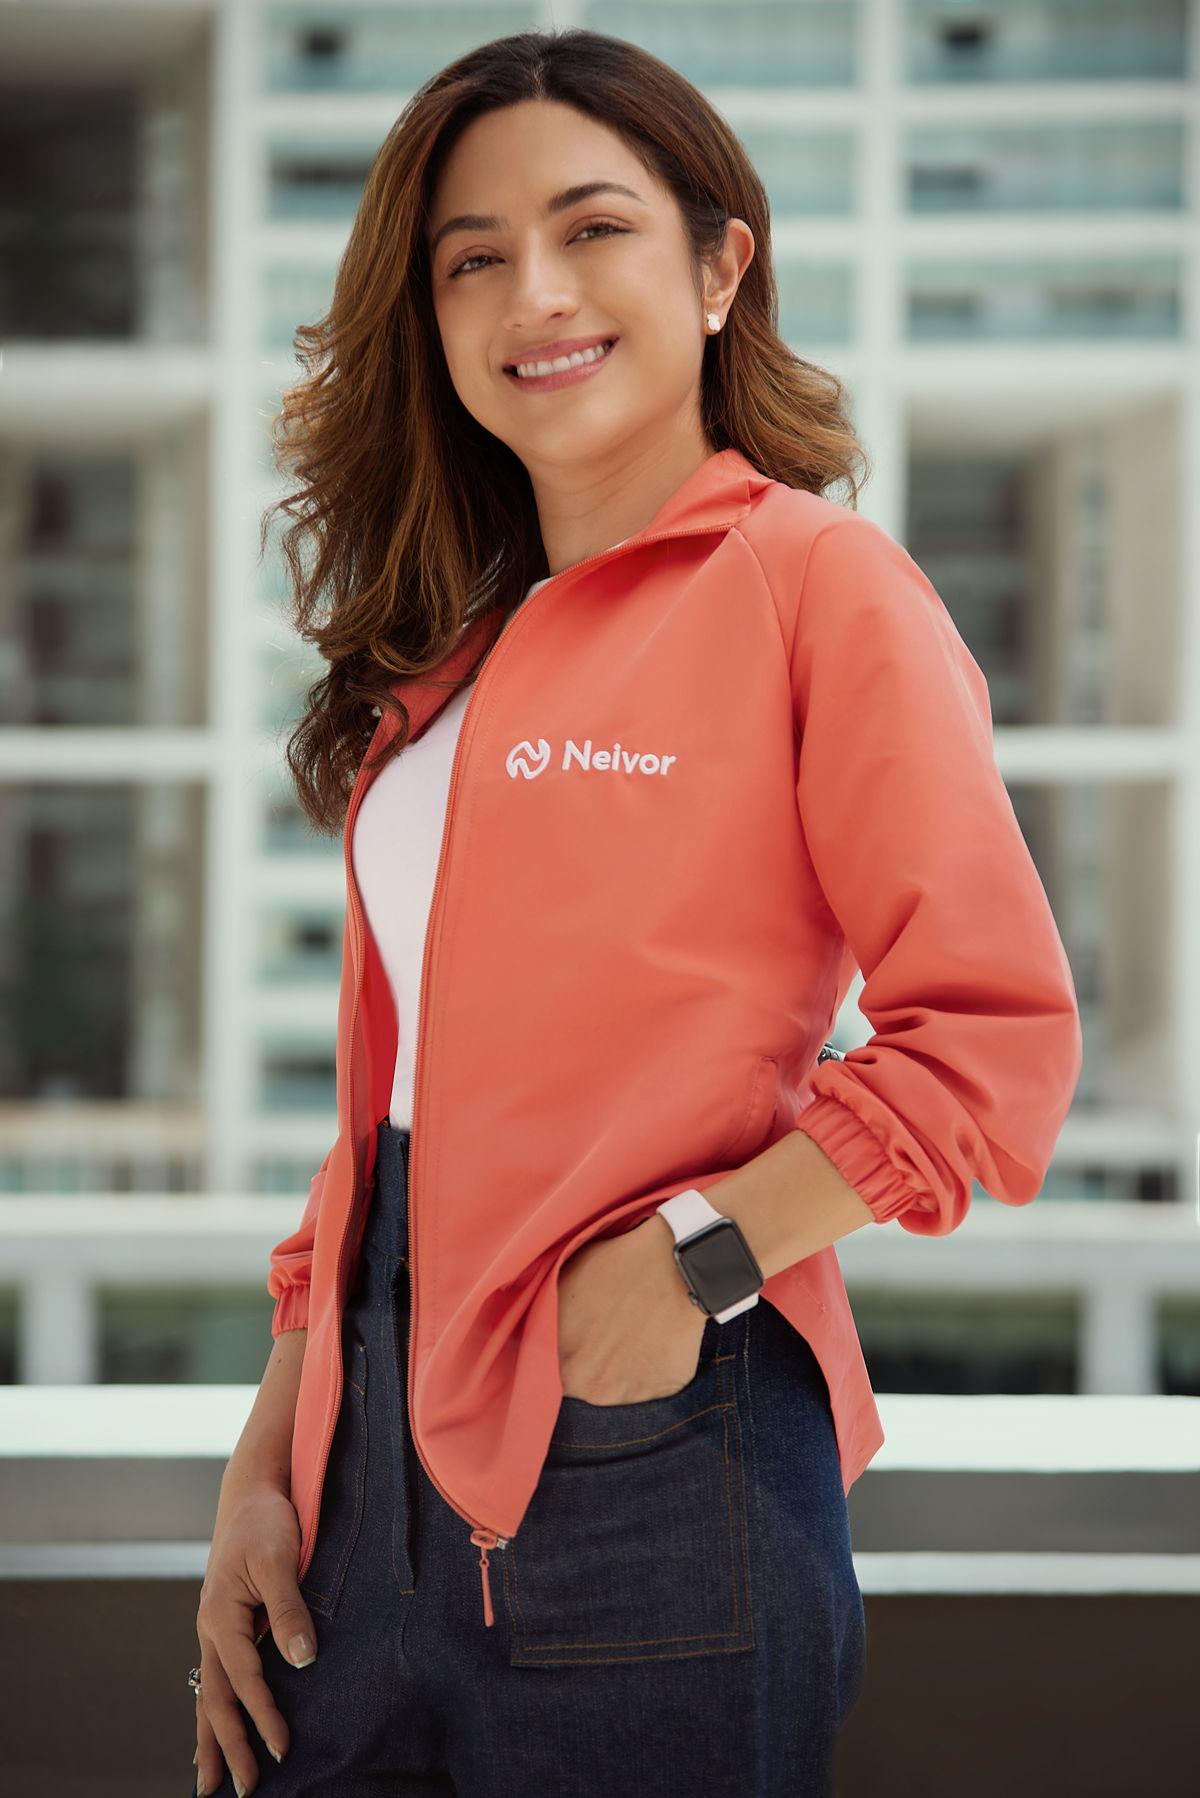 Caterine Castillo, CEO y Co-fundadora de Neivor.